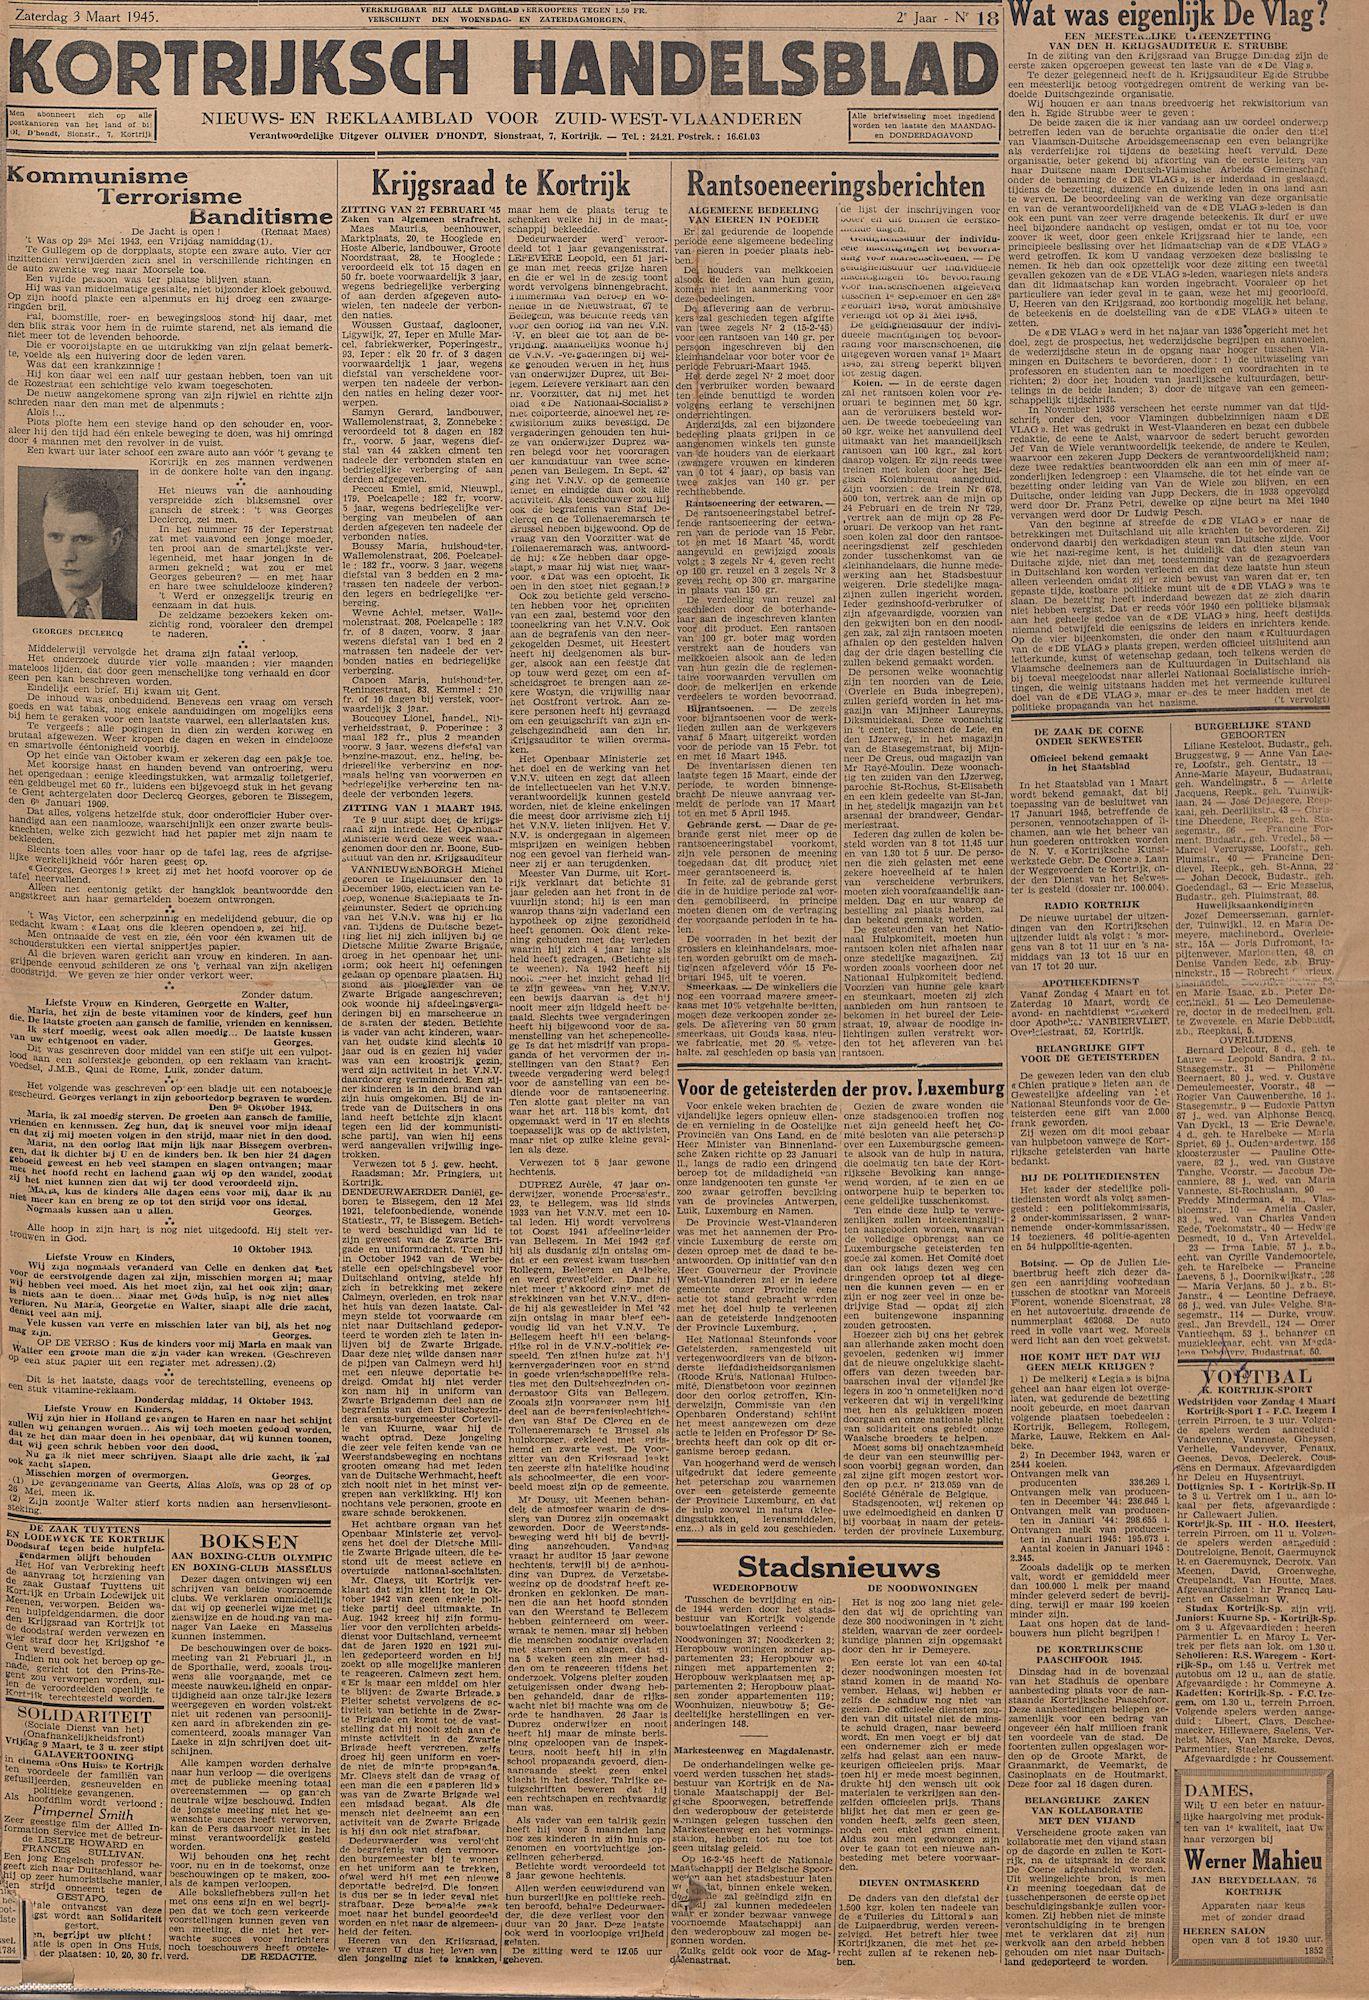 Kortrijksch Handelsblad 3 maart 1945 Nr18 p1